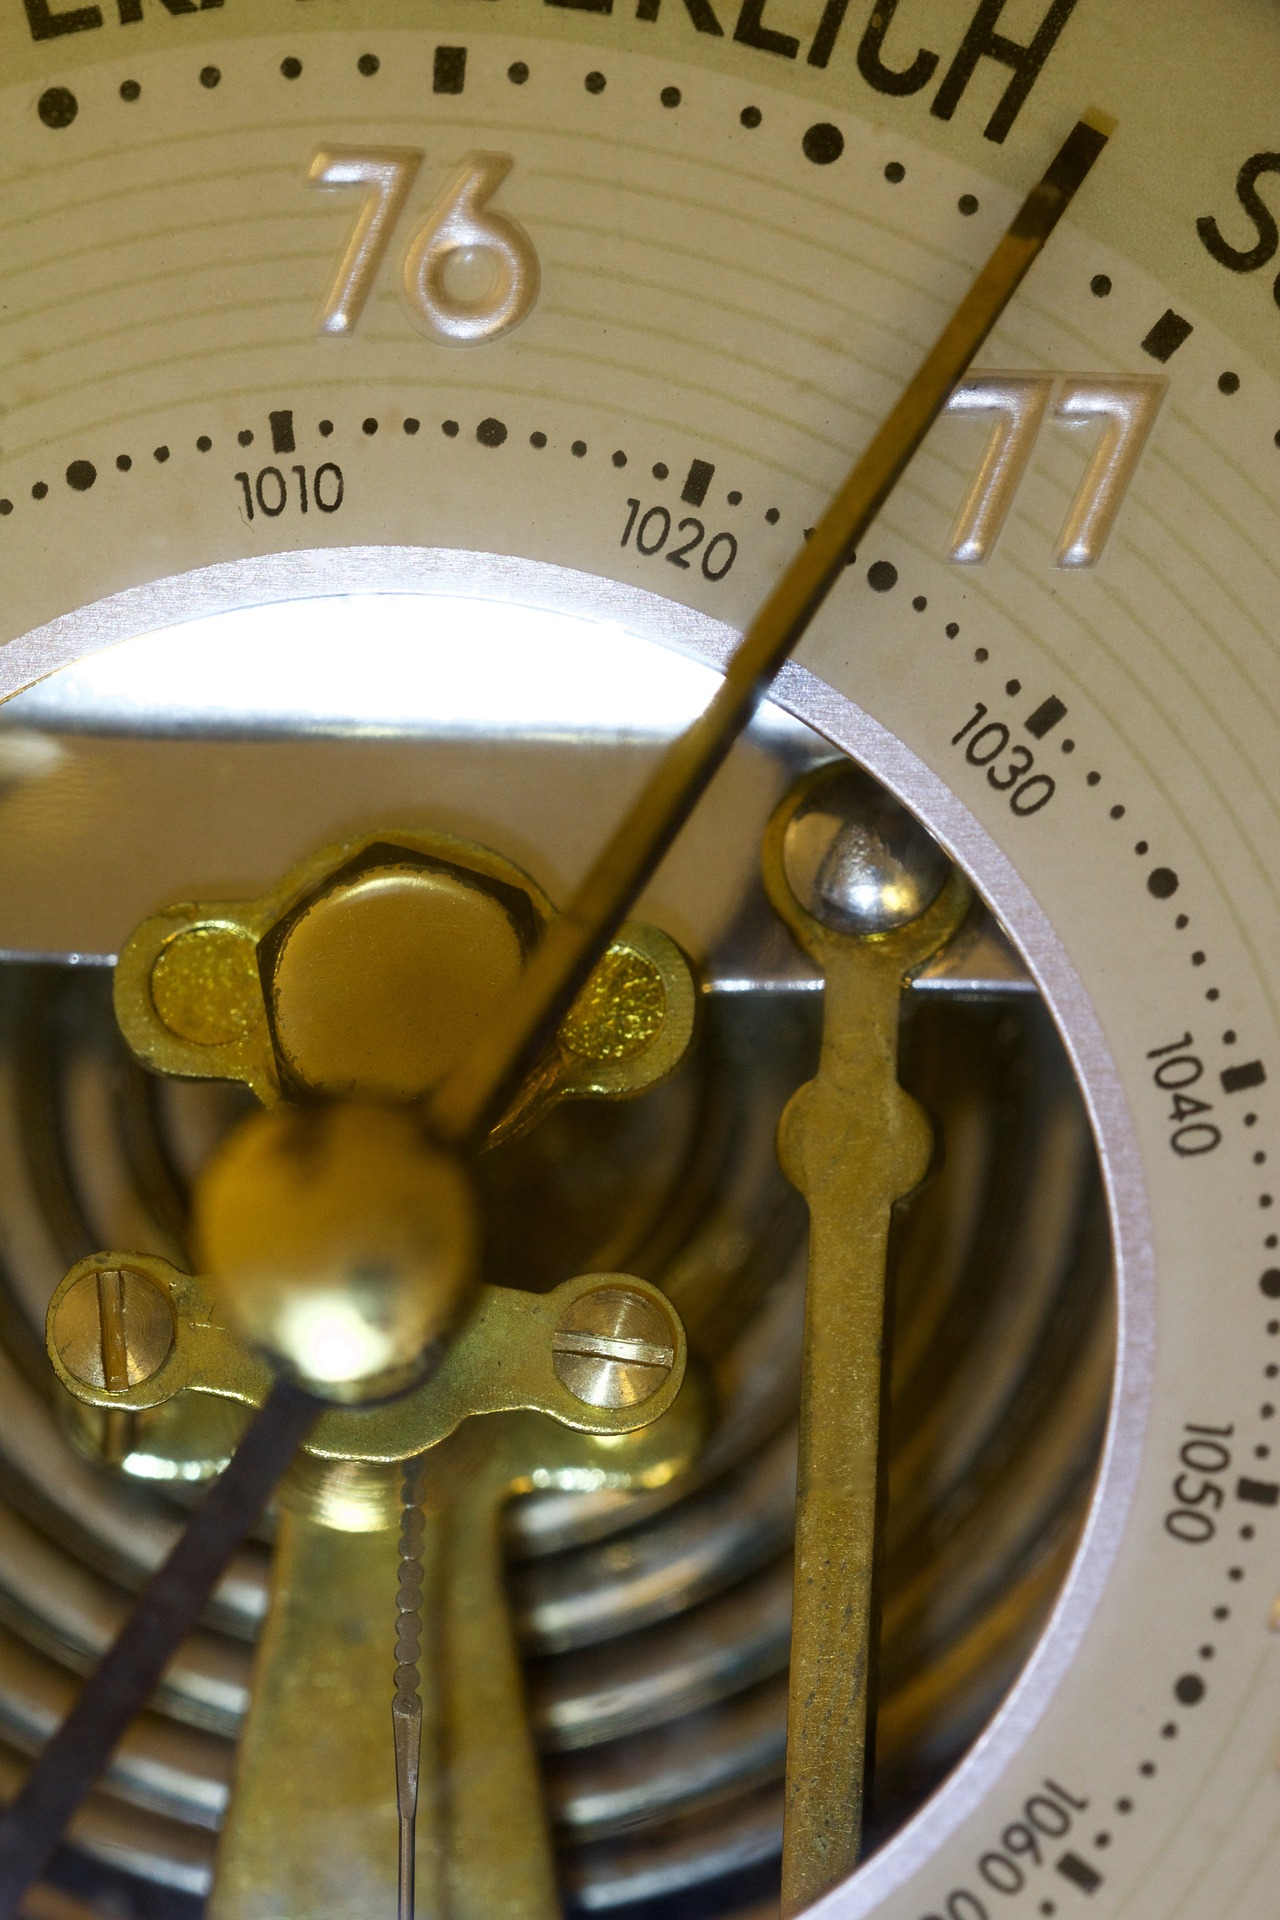 vochtmeter